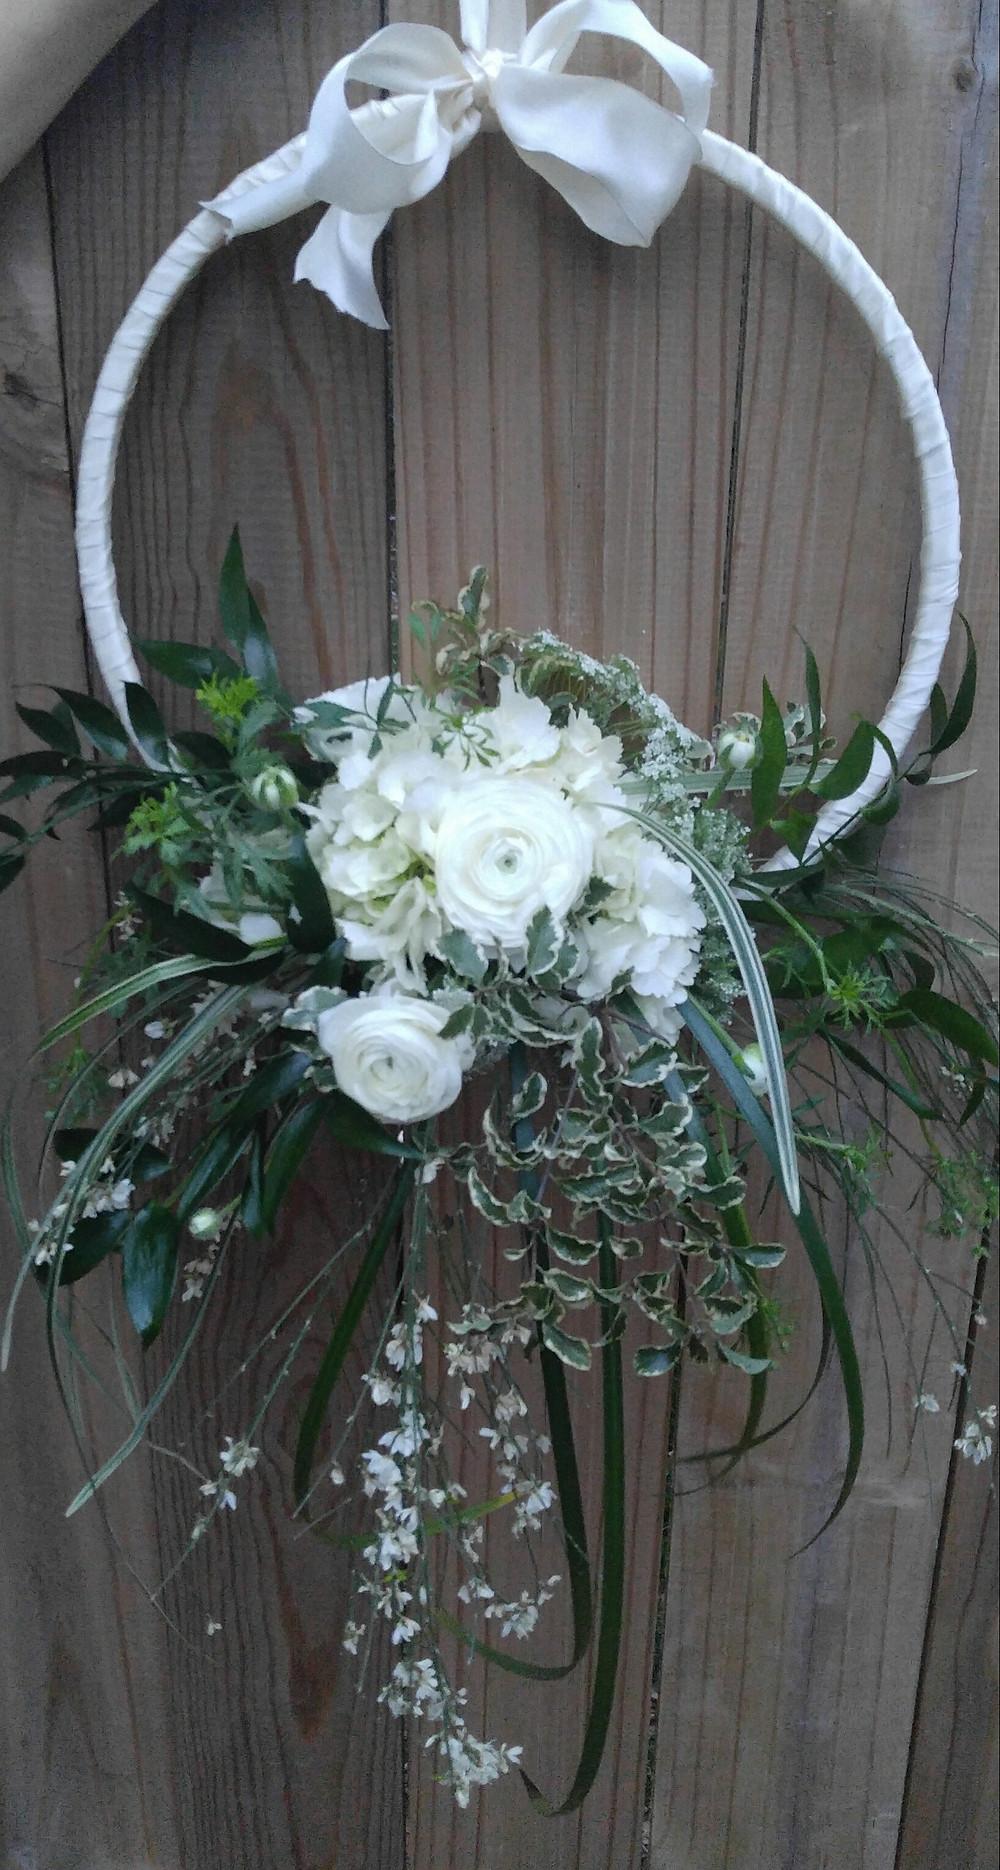 Hoop Bouquet, McKenzie Botanicals, Hanging flowers, Belk Engagement Party